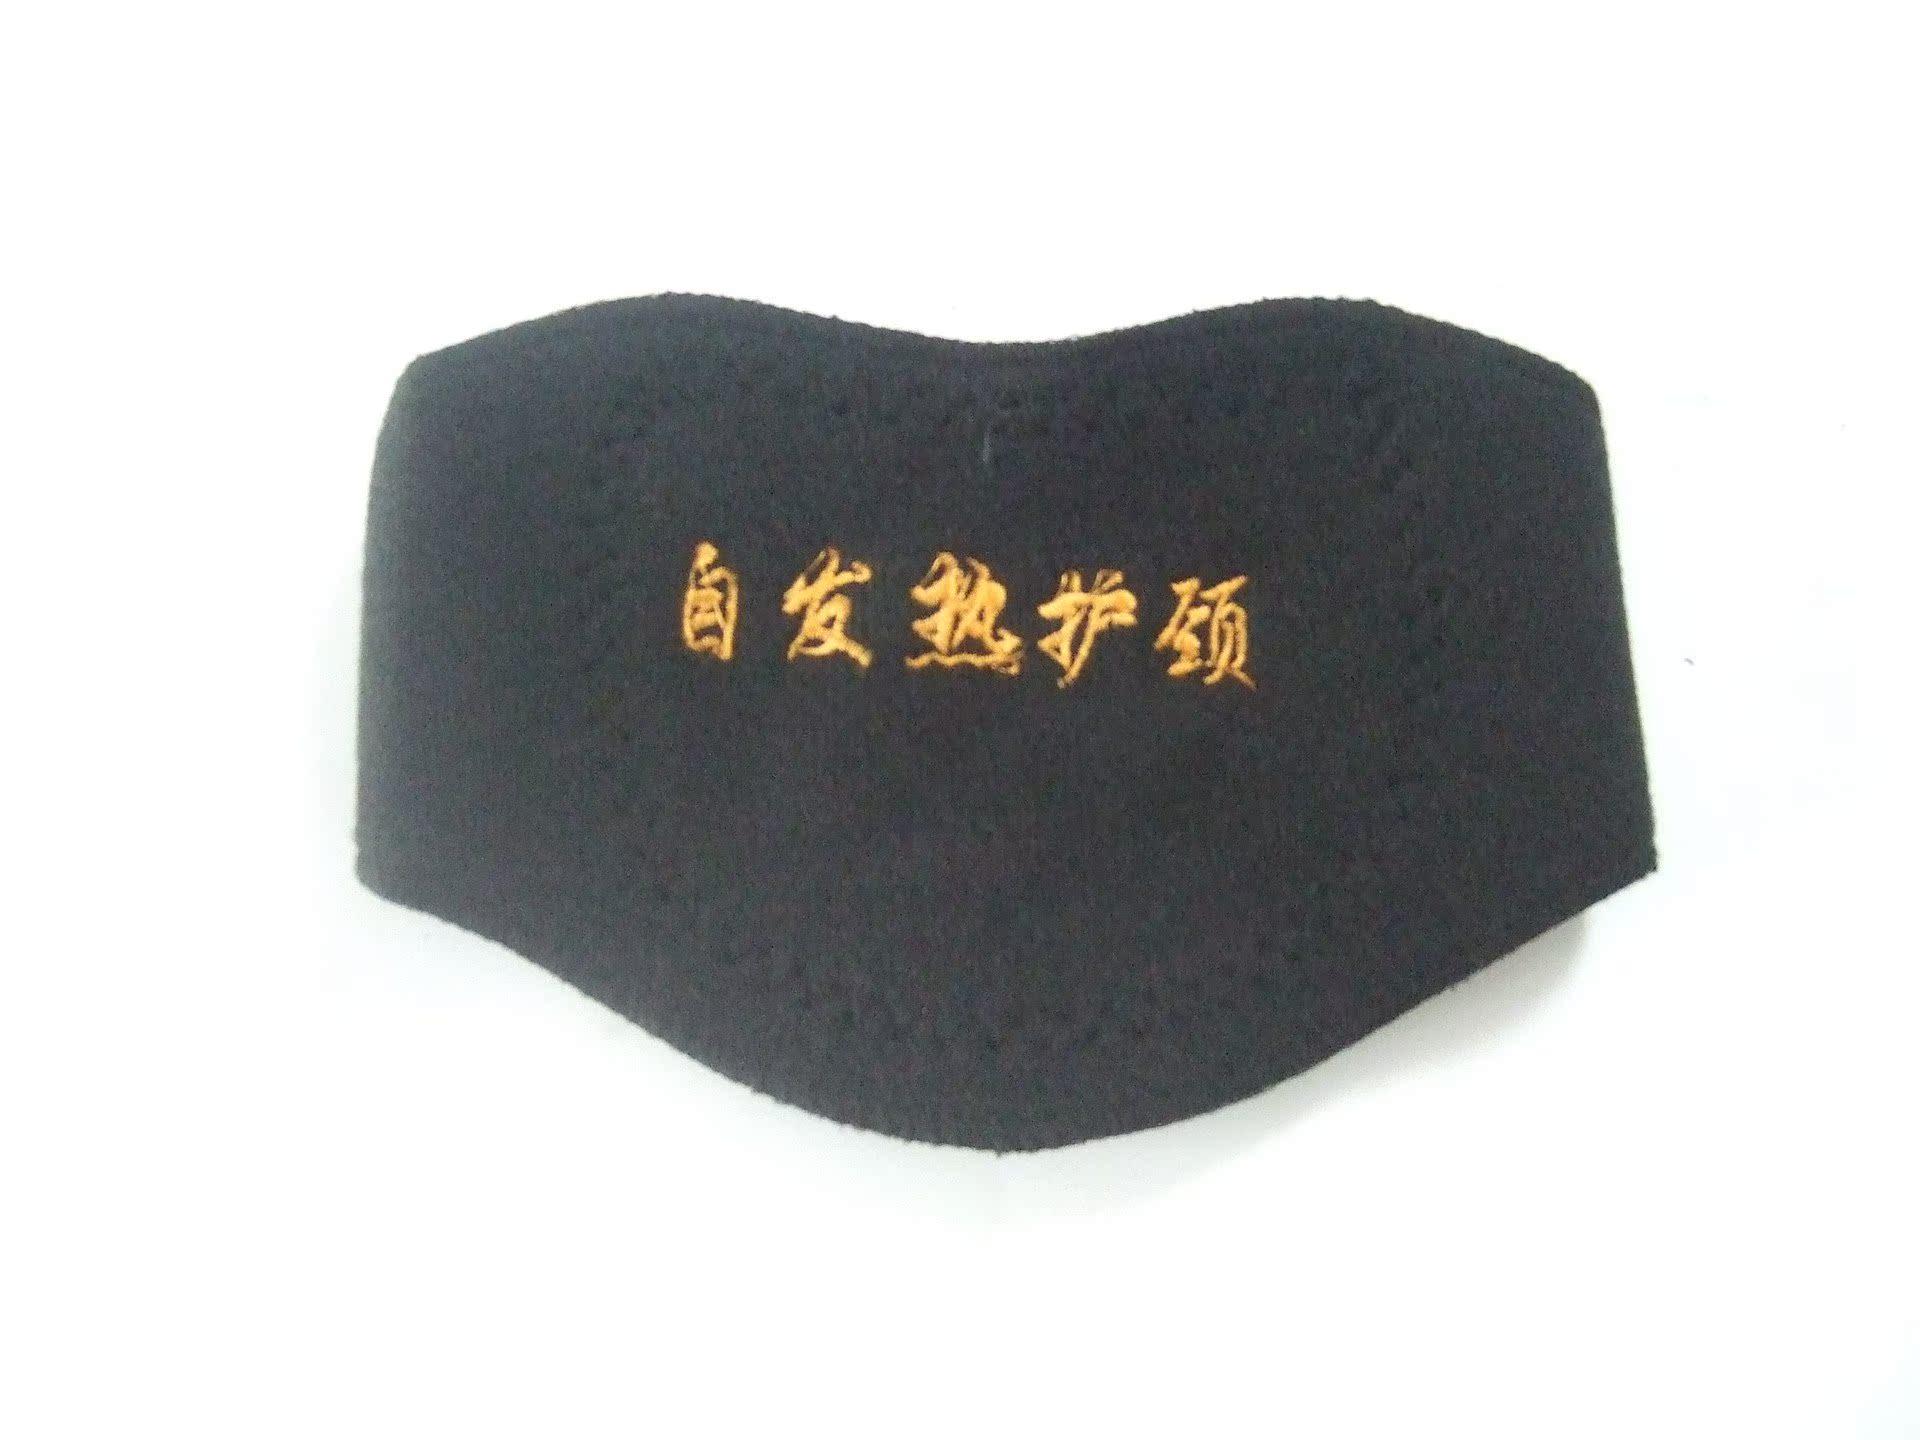 Προστασία από το λαιμό χοίρων μαγνητικό οικιακών προστασία λαιμού με θέρμανση χειμώνα προστασία λαιμού πακέτο - ανδρών και γυναικών